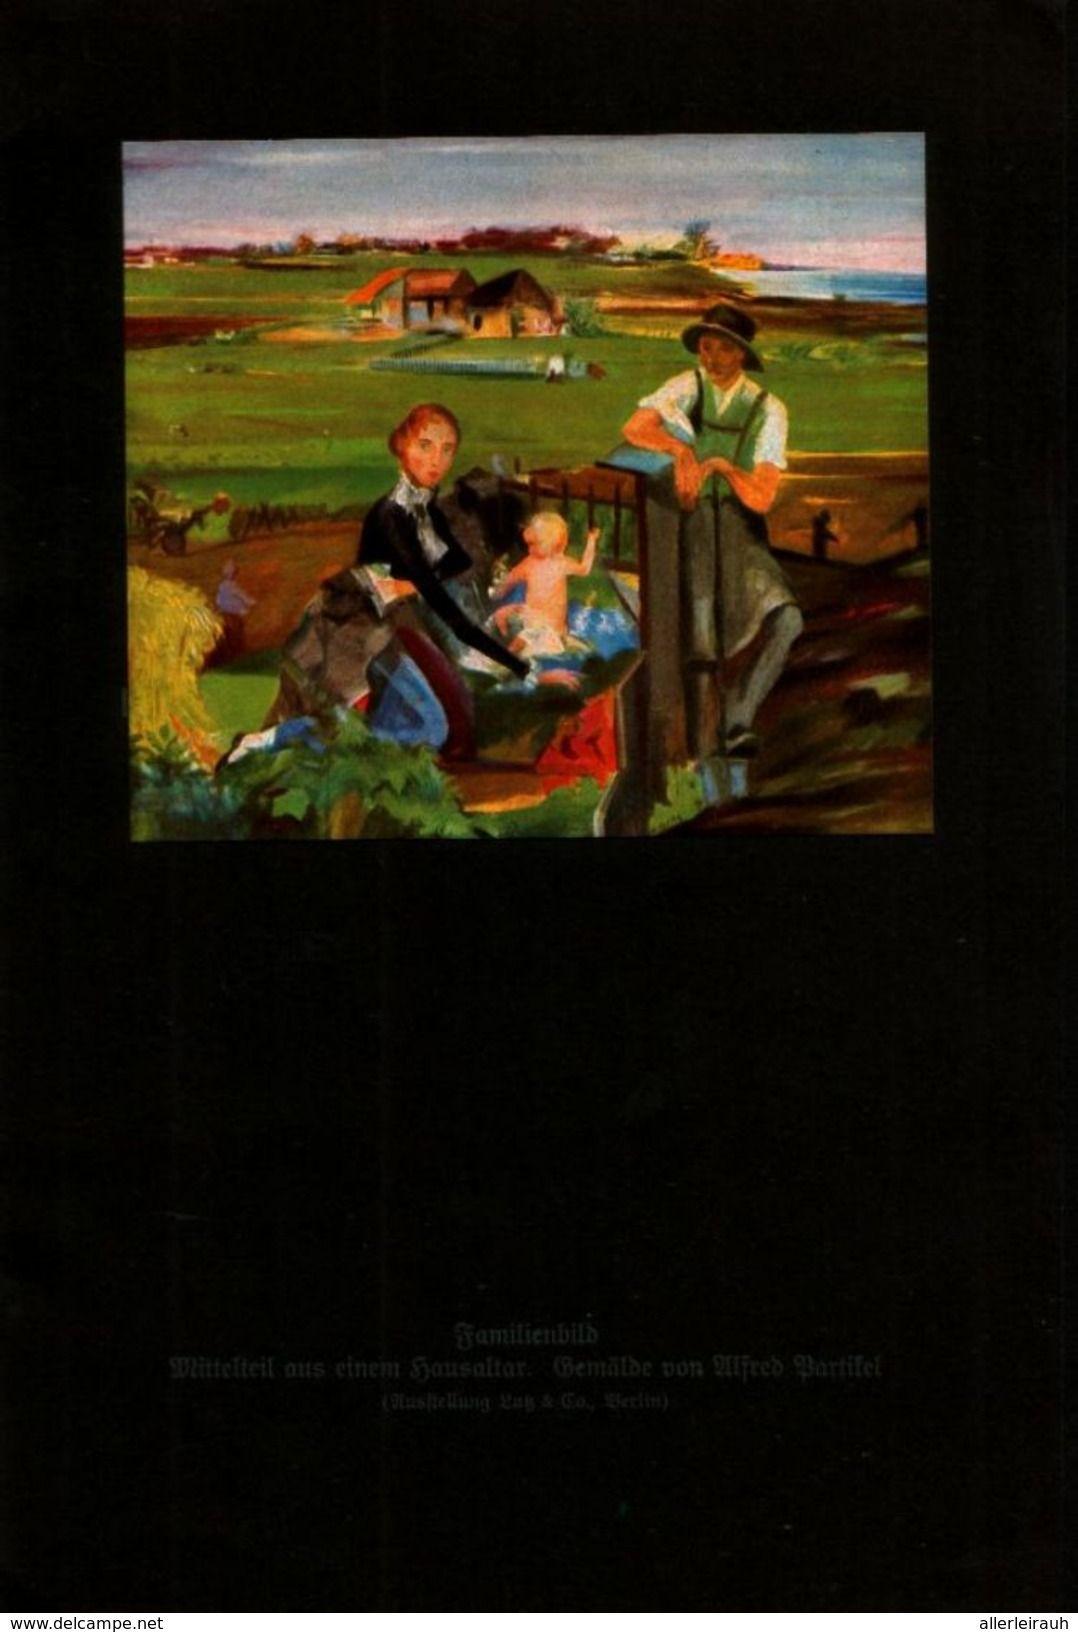 Familienbild Mittelteil Aus Einem Hausaltar Druck Entnommen Aus Zeitschrift 1924 Livres Bd Revues Familienbild Familie Bilder Und Altar